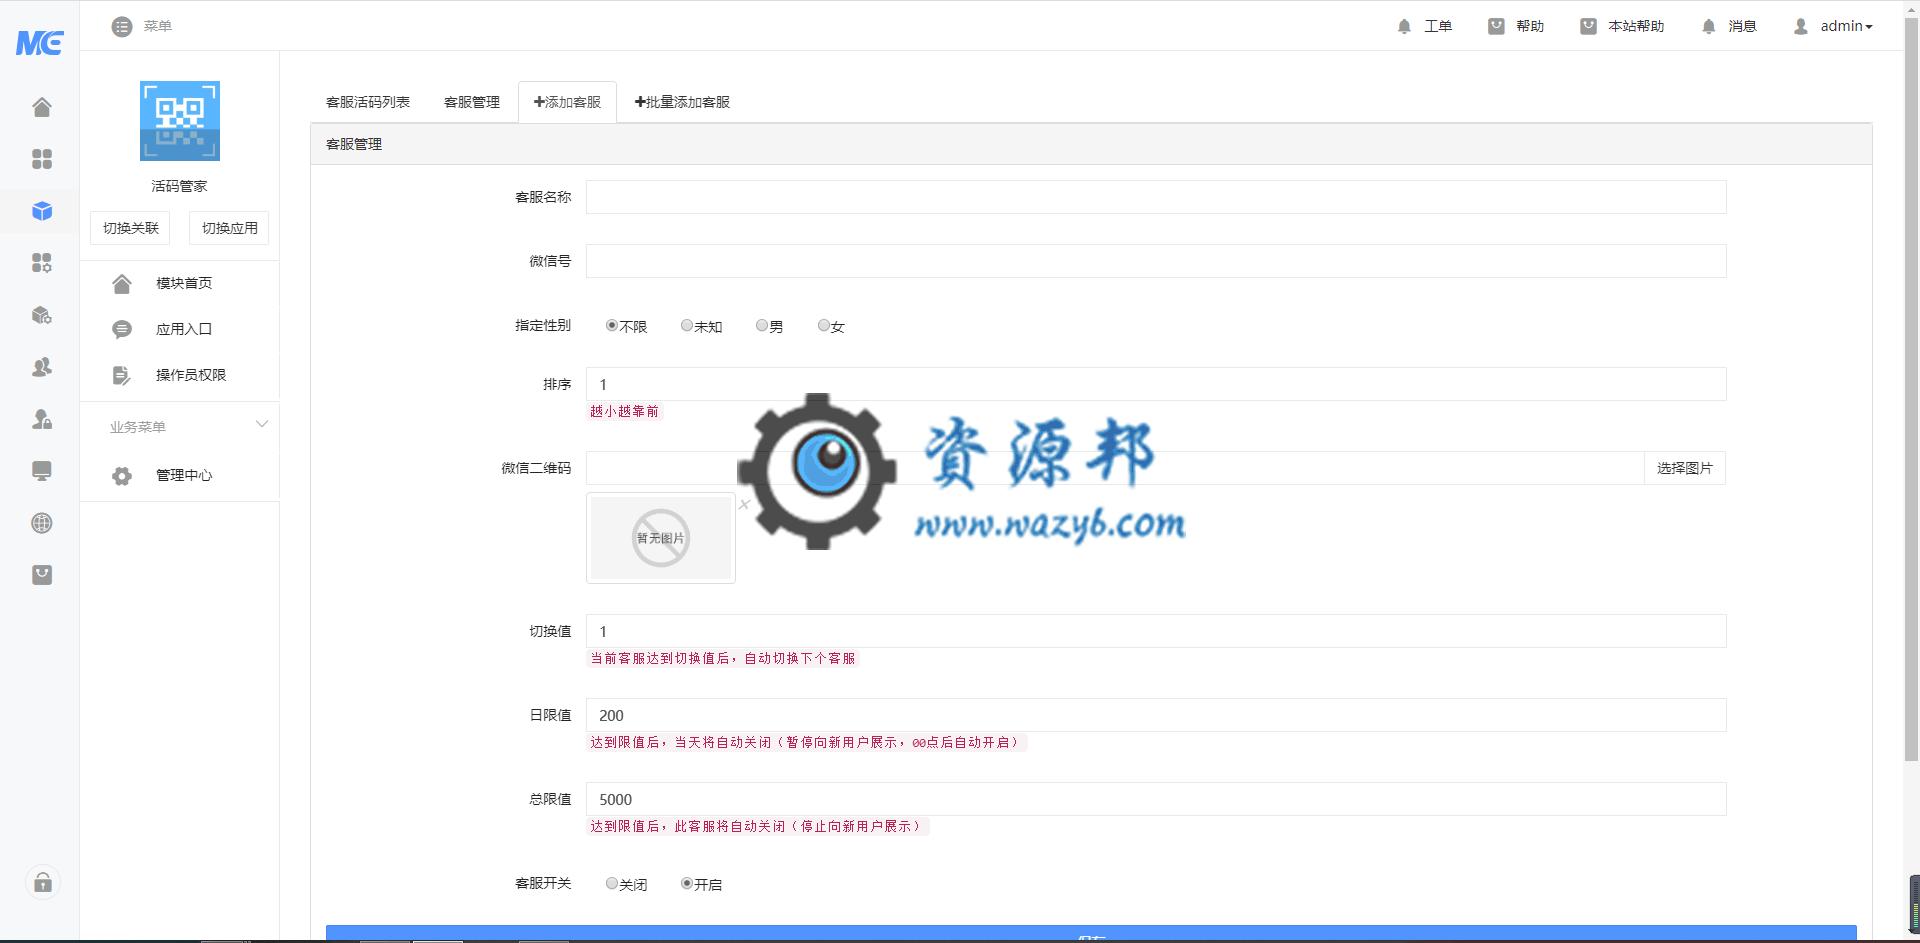 【公众号应用】活码管家V1.0.10源码包,新增视频号带货应用入口 公众号应用 第2张